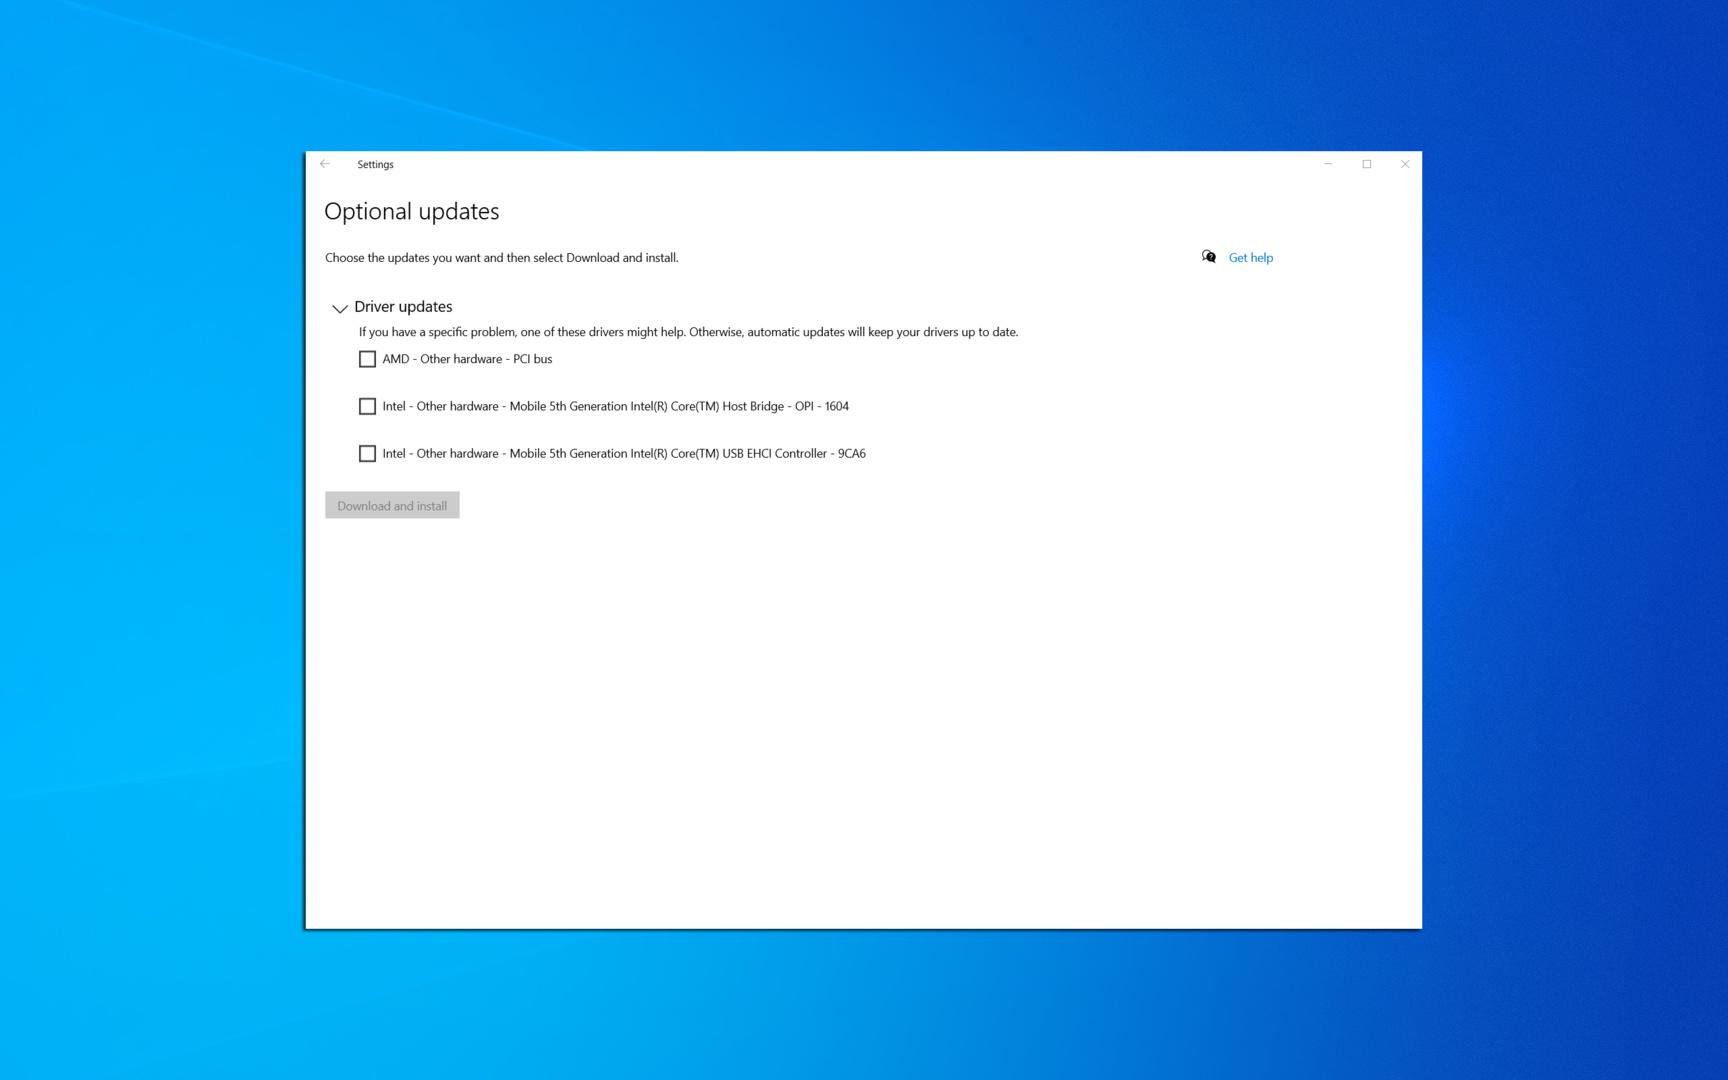 Ab Windows 10 2004 können Anwender Treiber optional per Windows Update beziehen